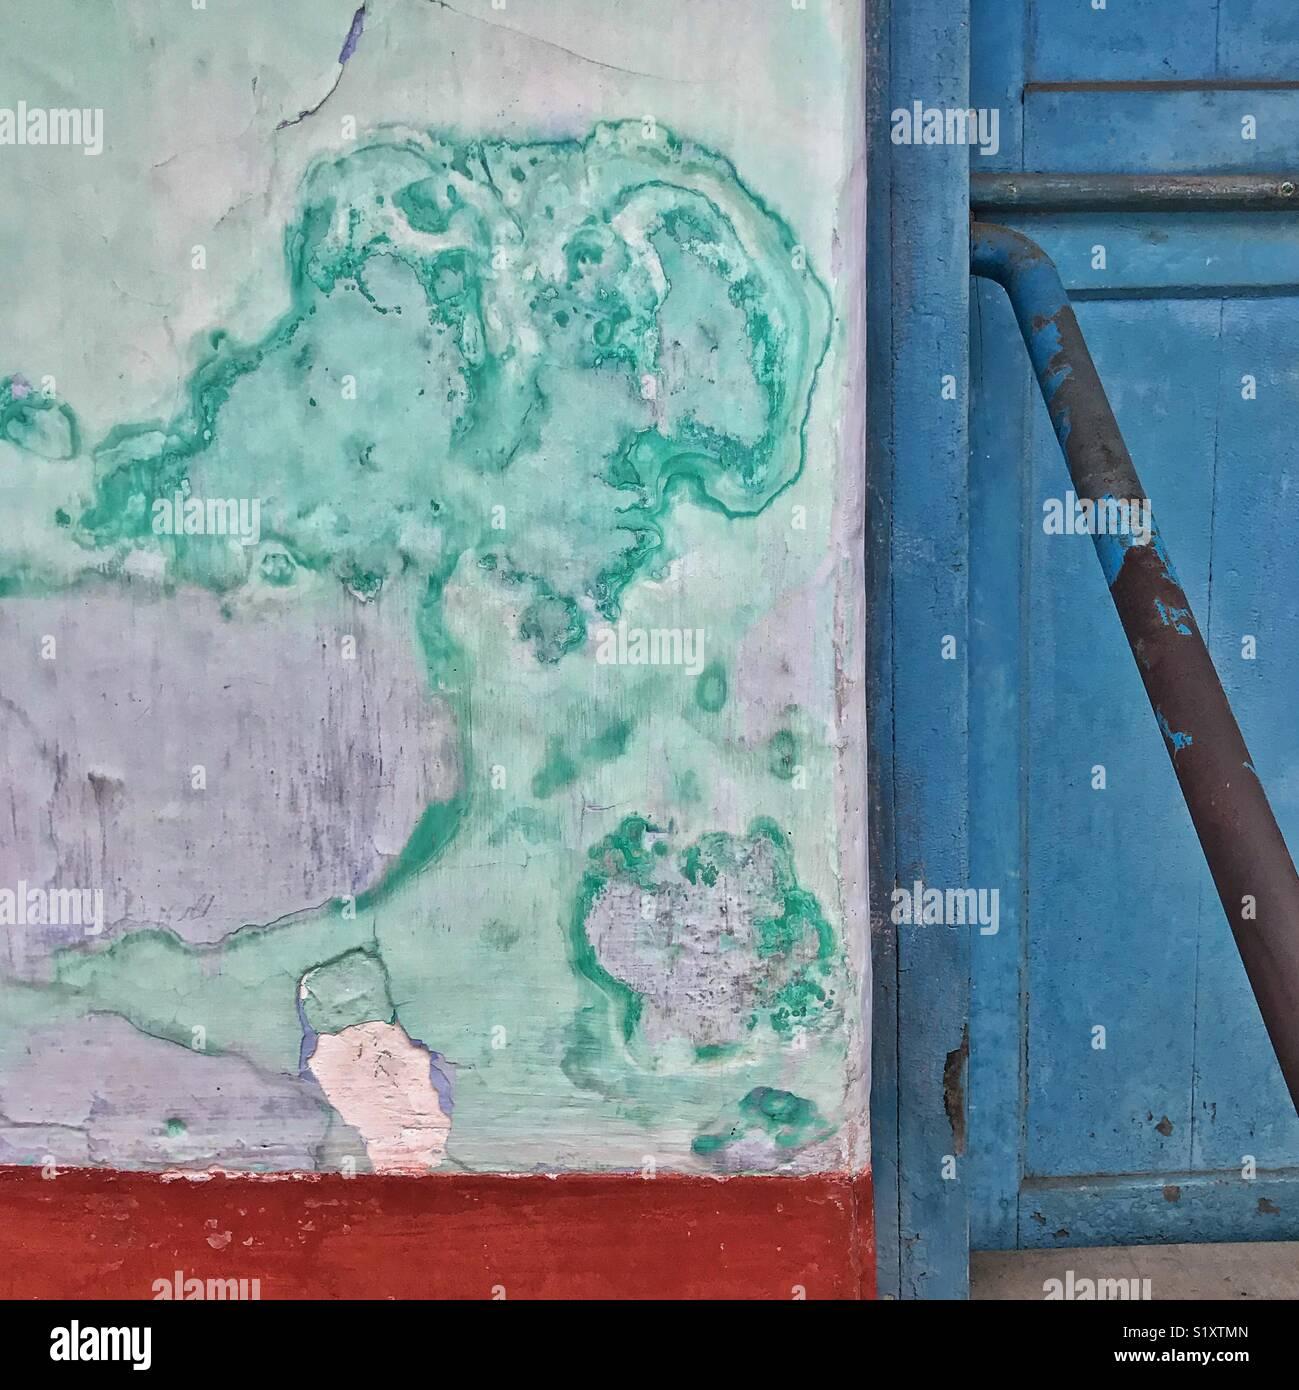 Verniciatura irregolare e la degradazione della vernice su una parete in India Immagini Stock